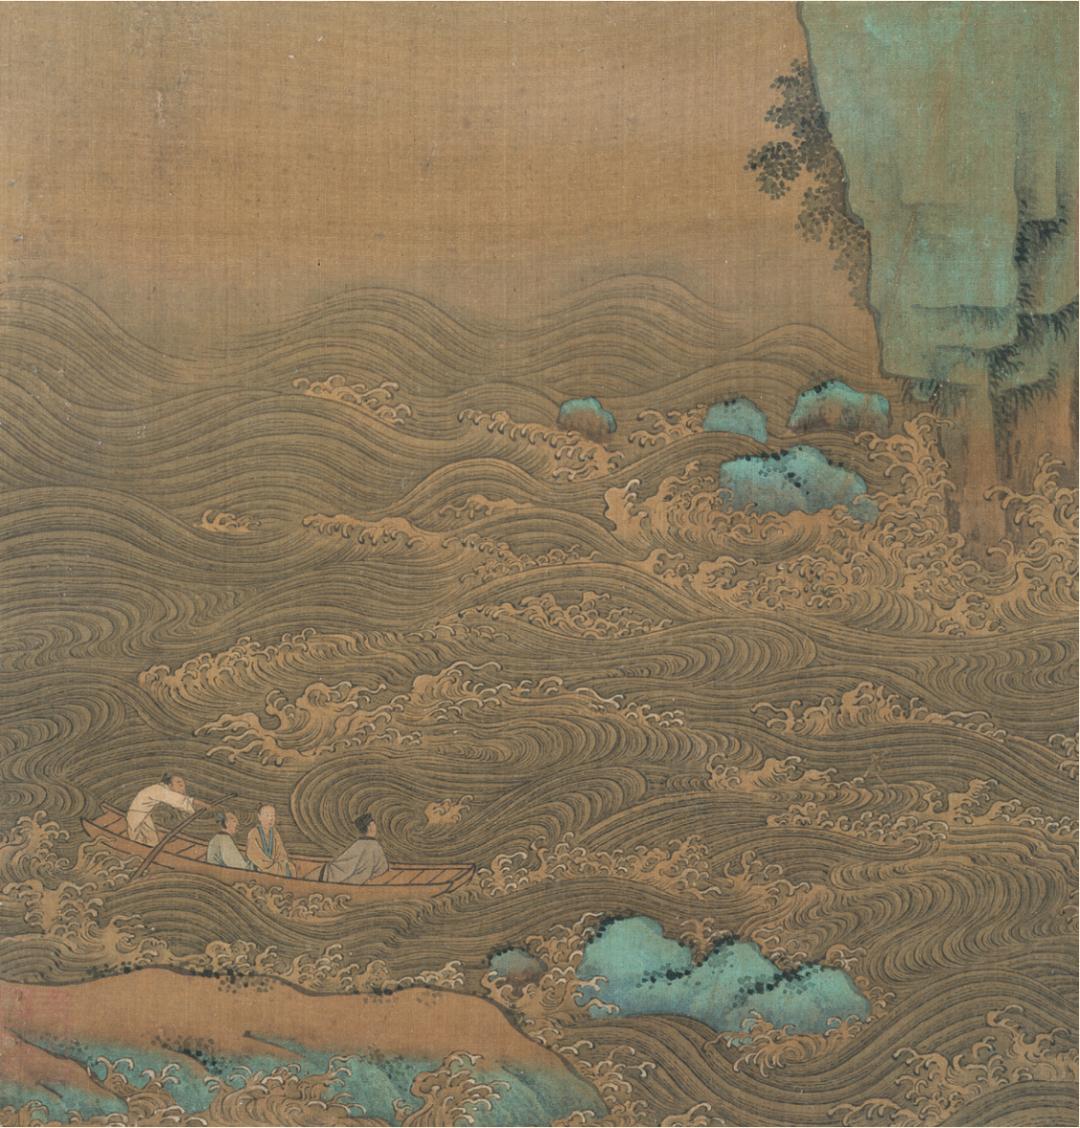 宋人《赤壁图》故宫博物馆藏